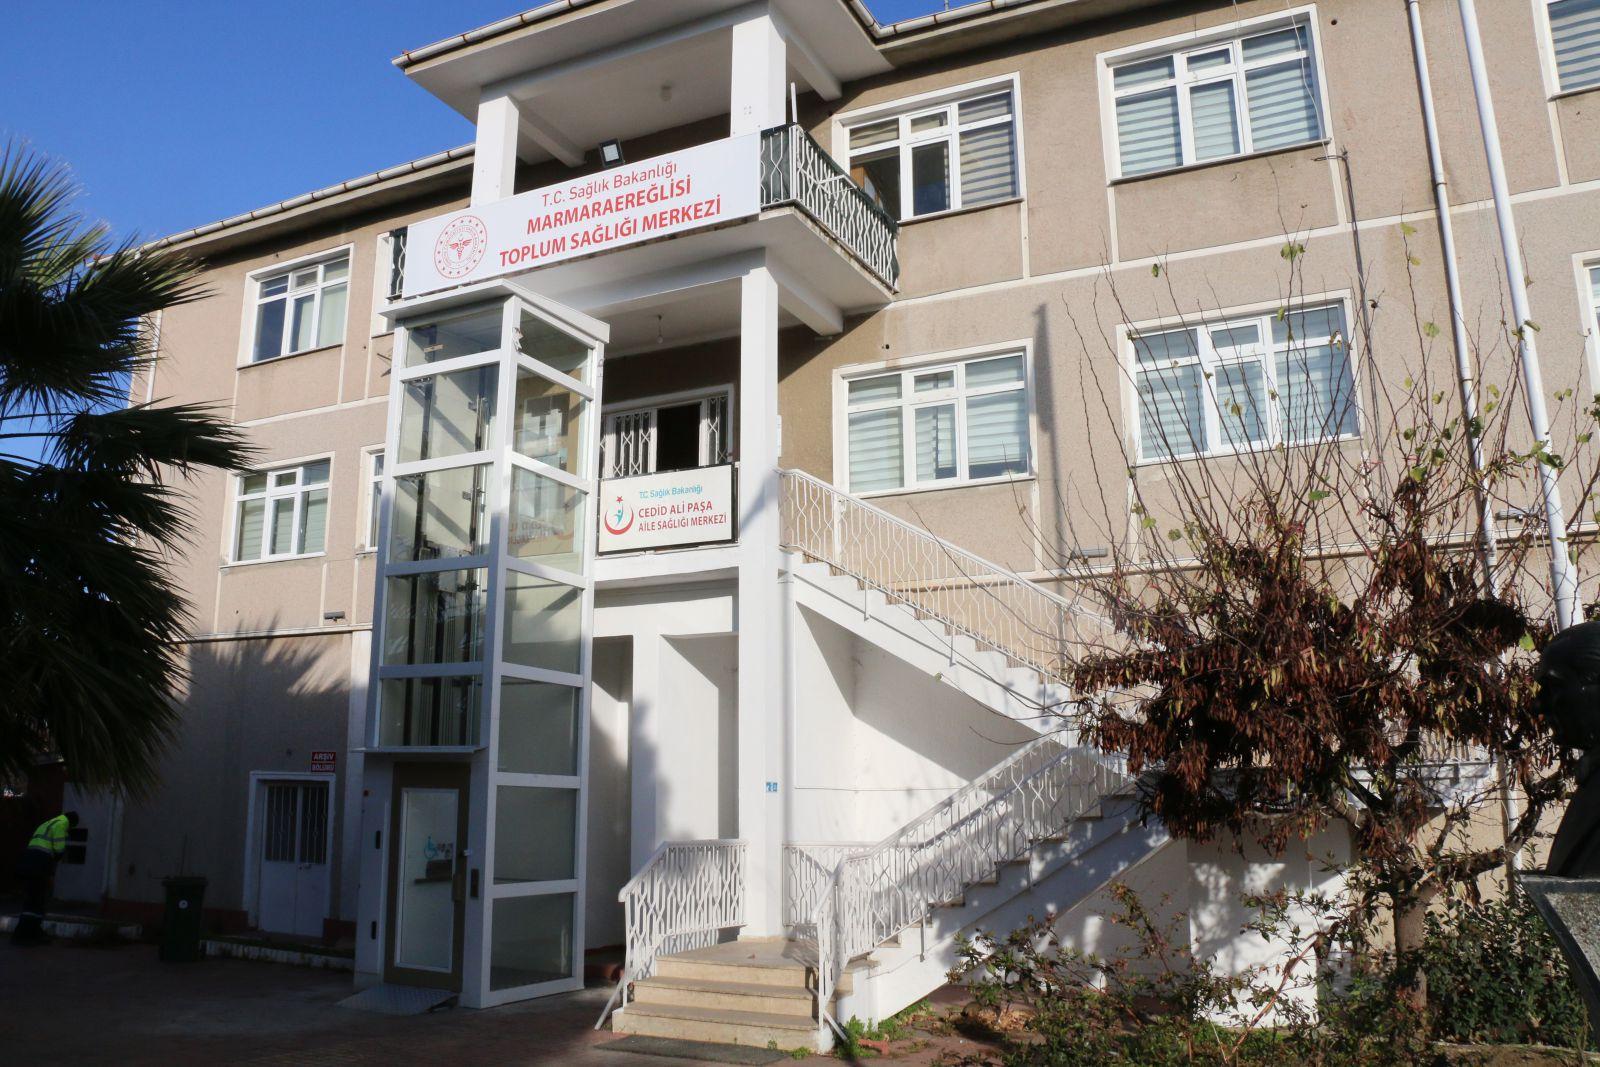 Marmara Ereğlisi Halk Sağlığı Merkezi Yeni Yerinde Hizmete Açıldı